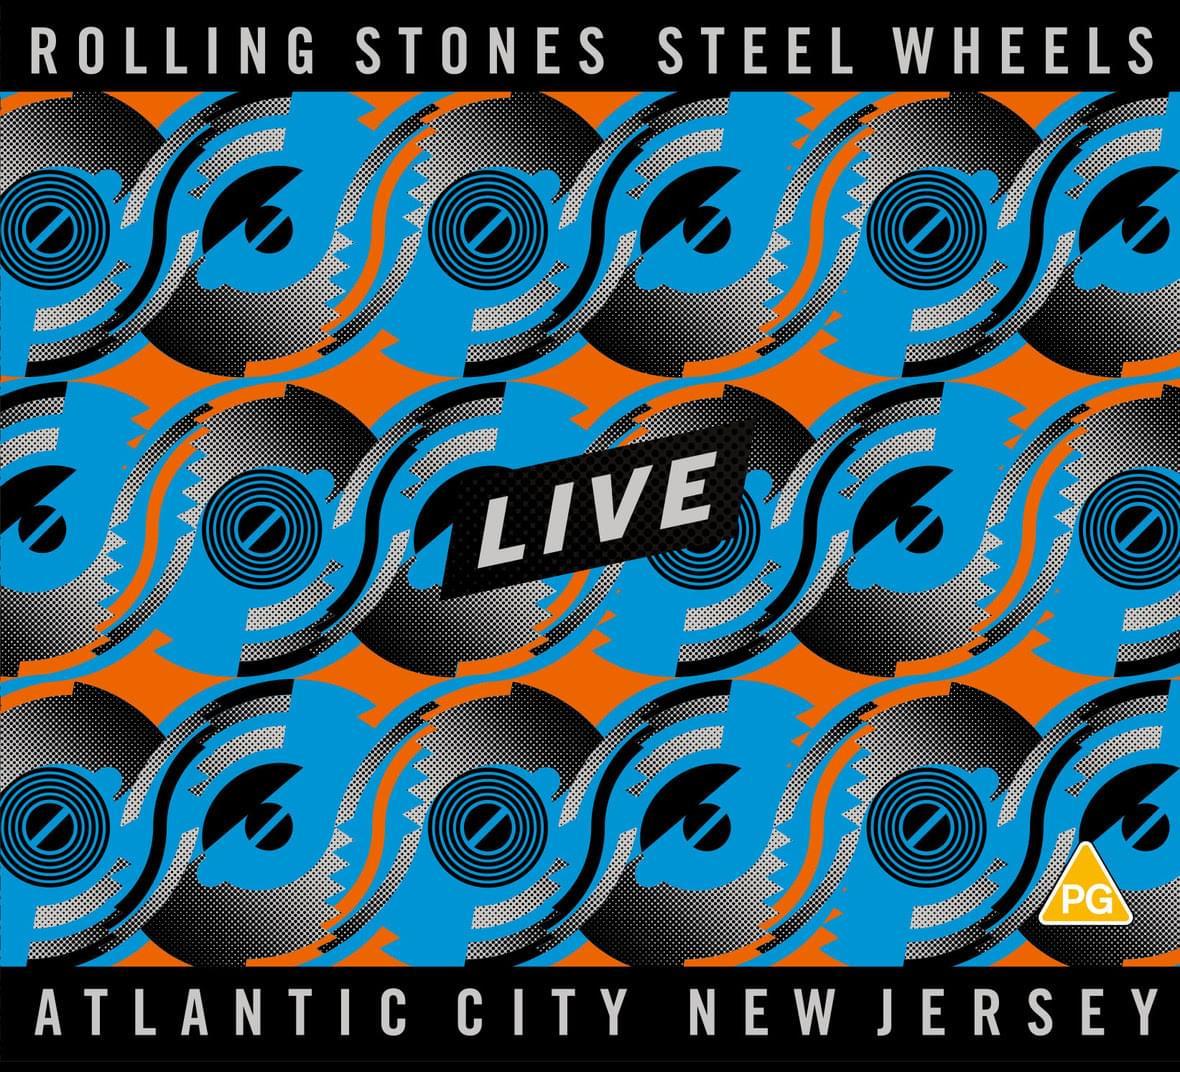 steelwheels1